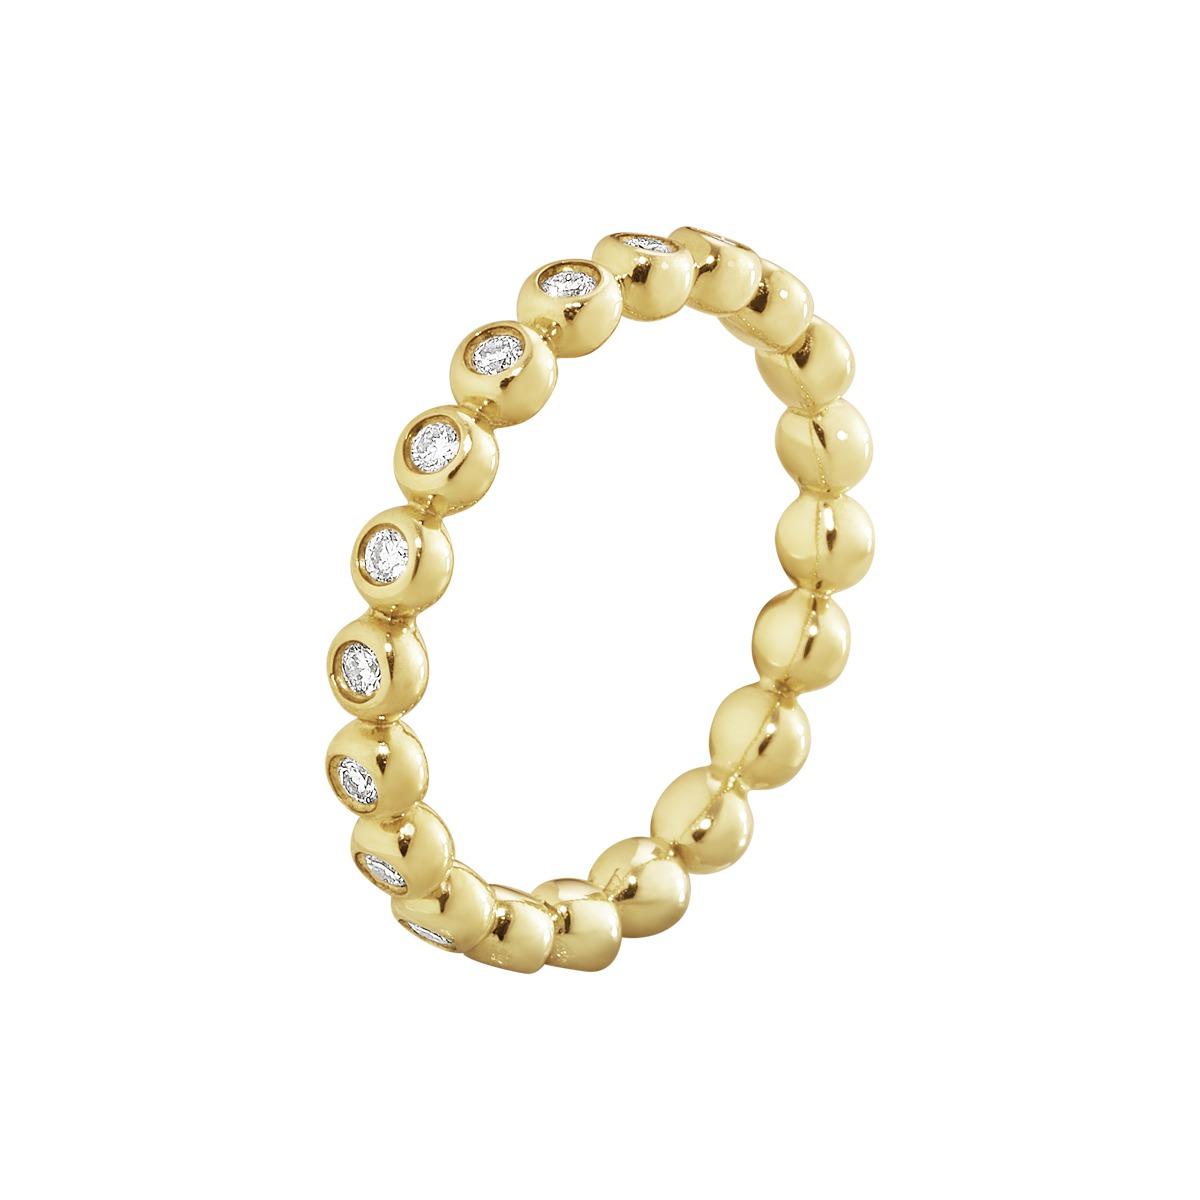 Georg Jensen AURORA ring - 3572620 18 kt / ialt 0,33 ct 56